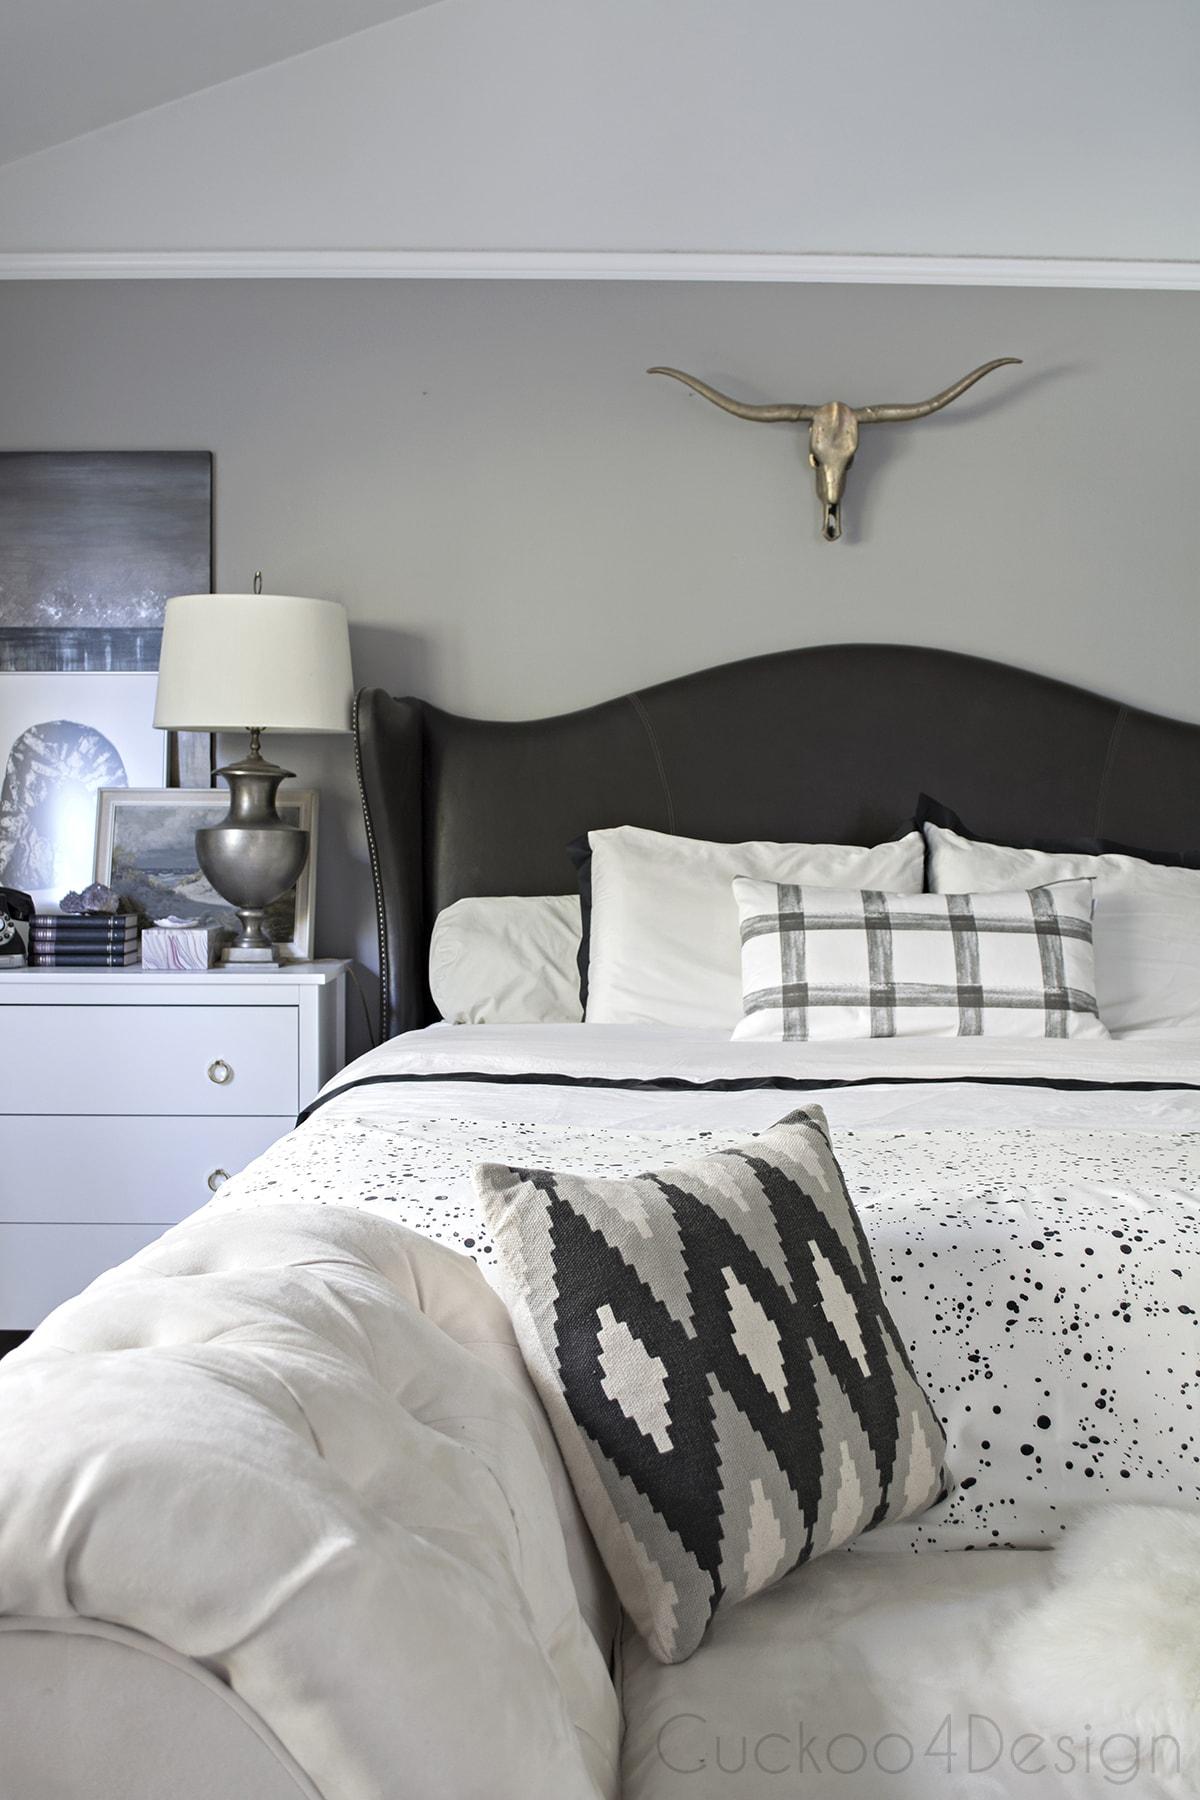 Master Bedroom Updates Cuckoo4design